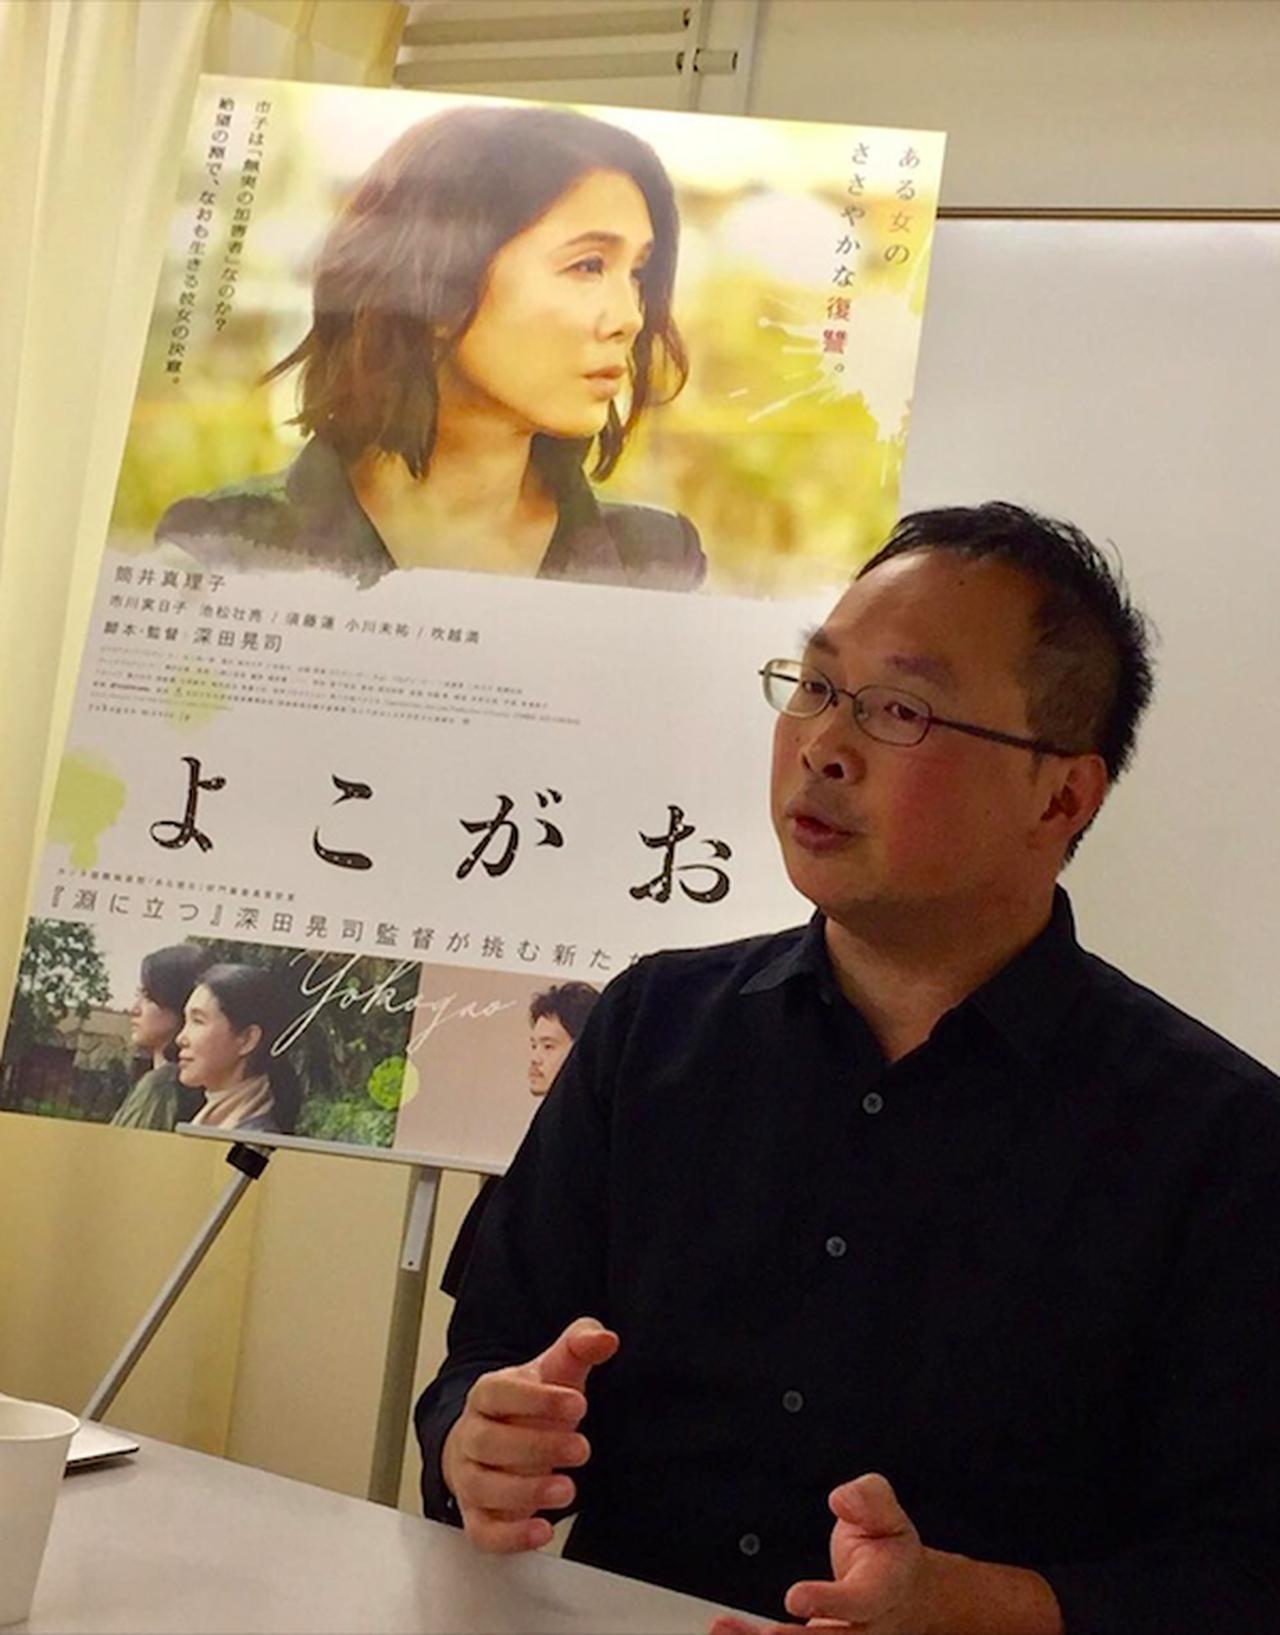 画像1: 深田晃司監督